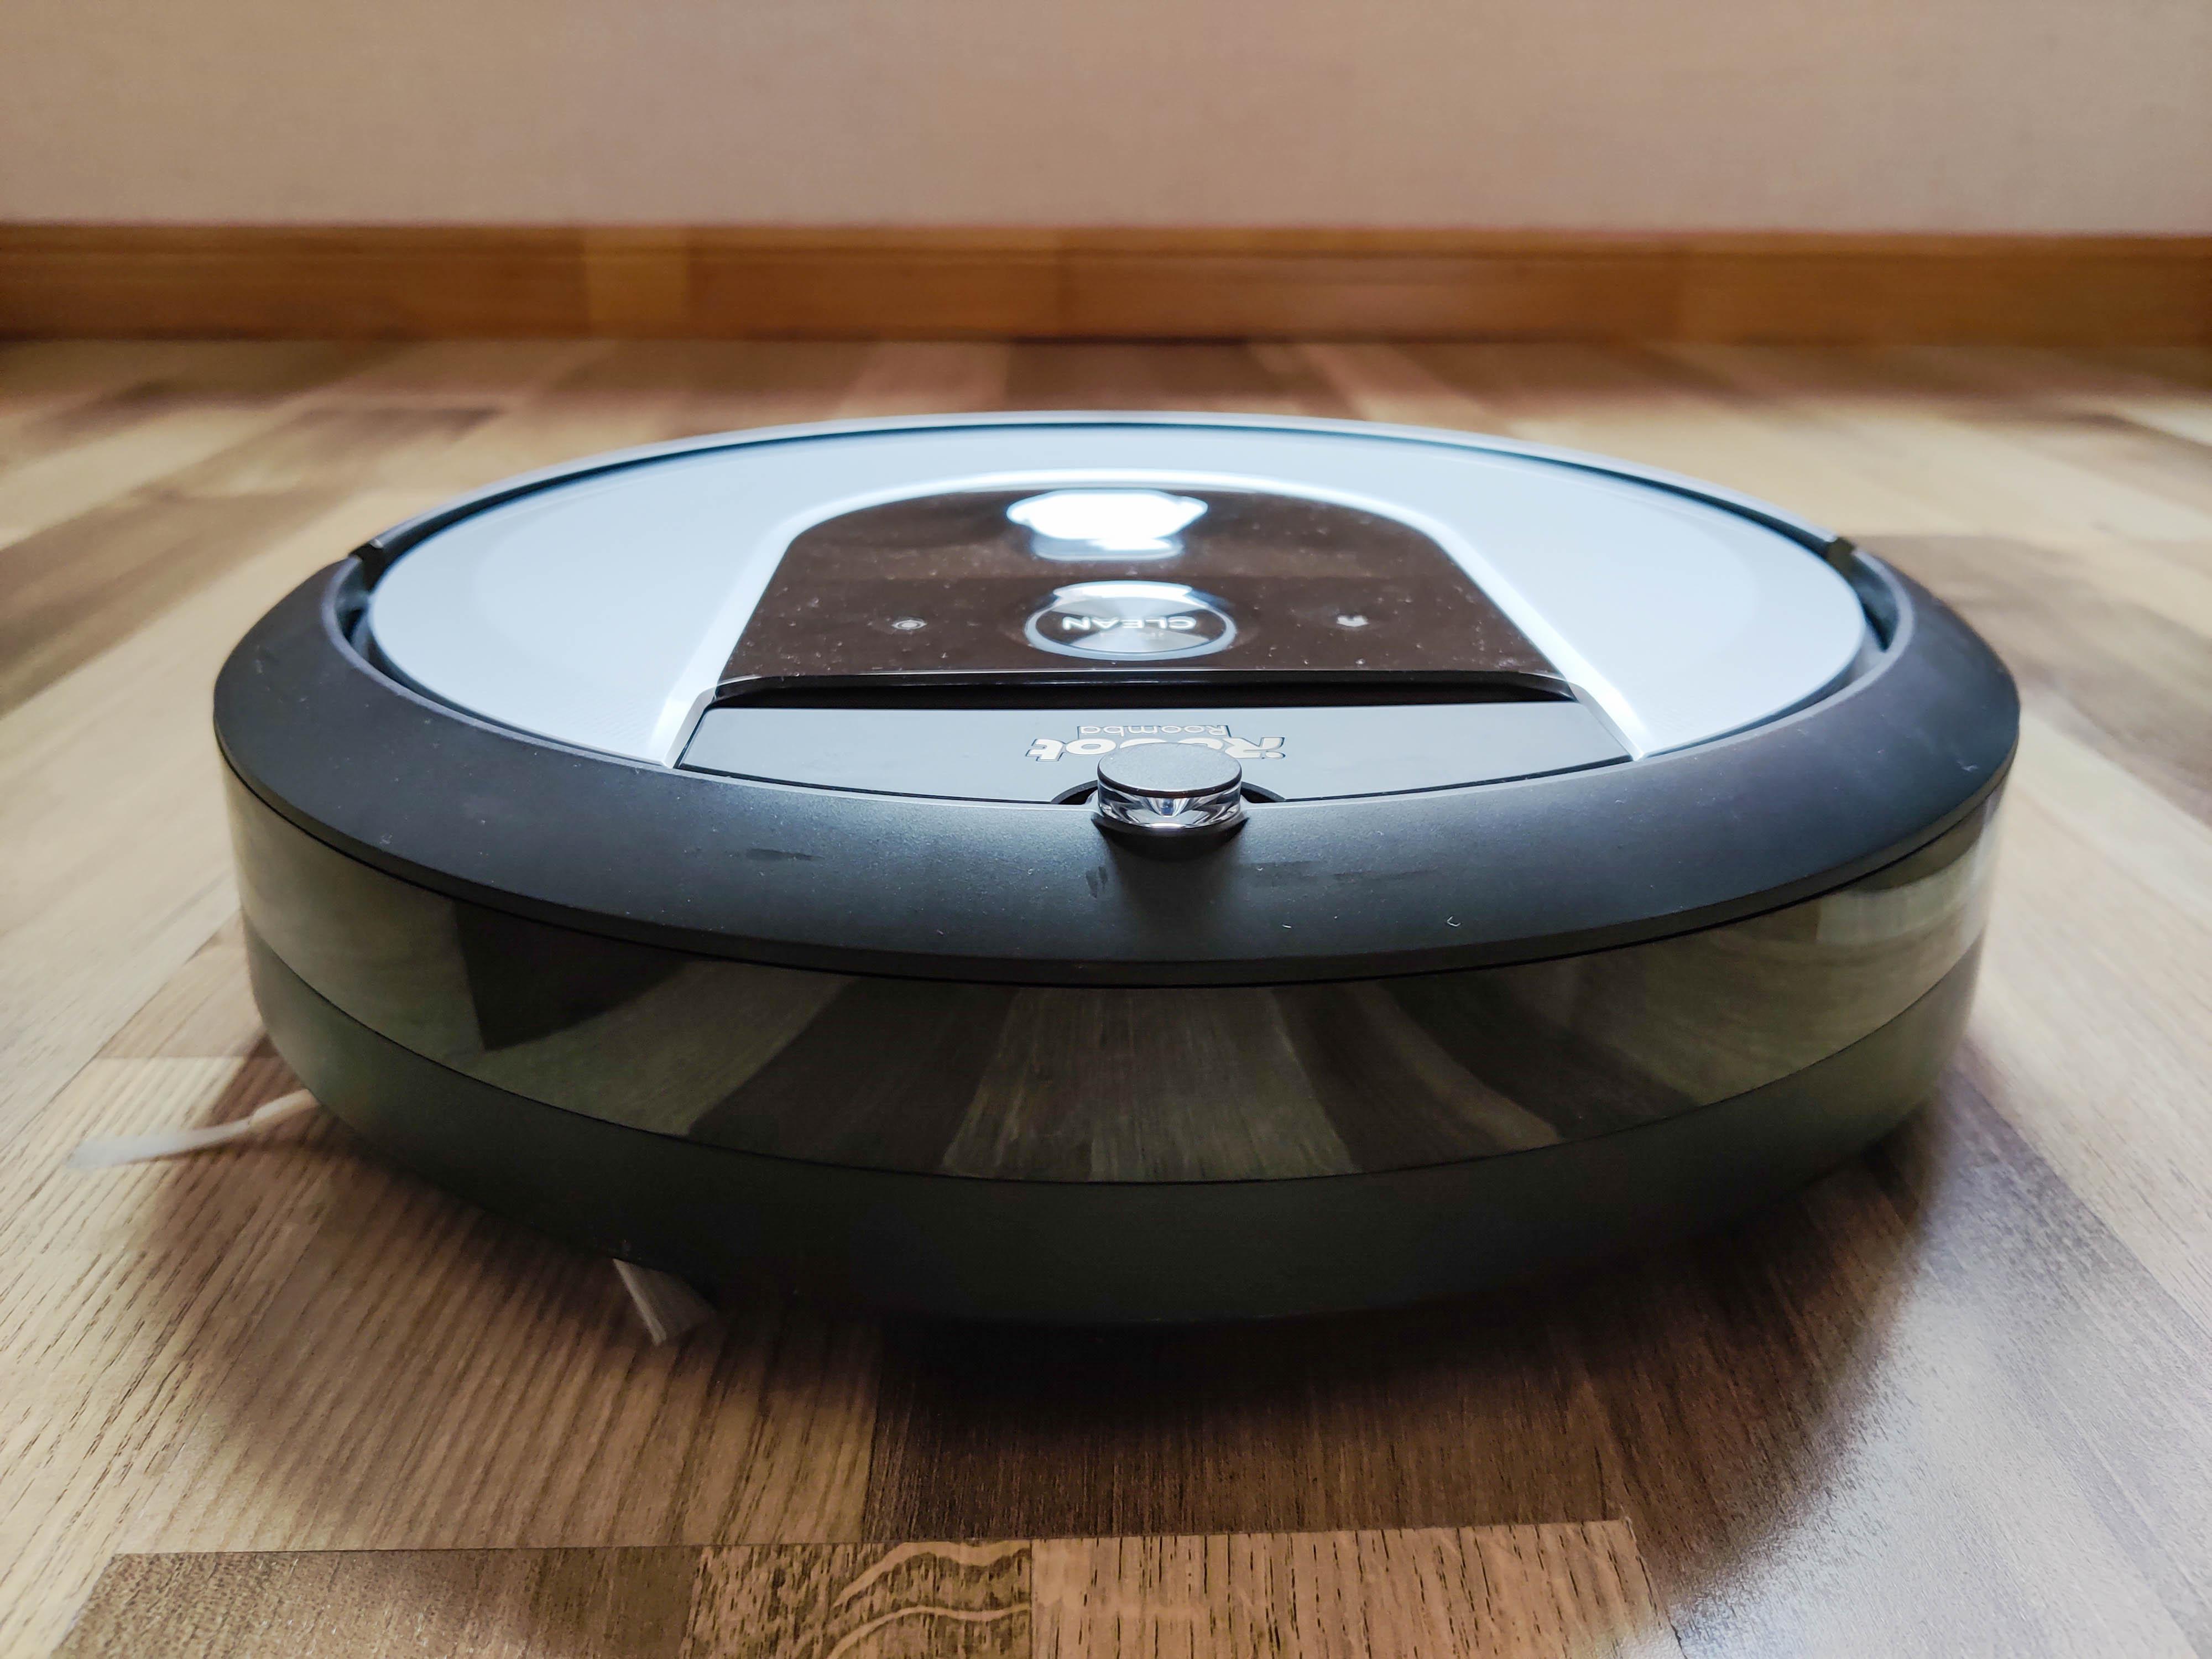 解放双手:iRobot Roomba i7+ 扫地机器人评测